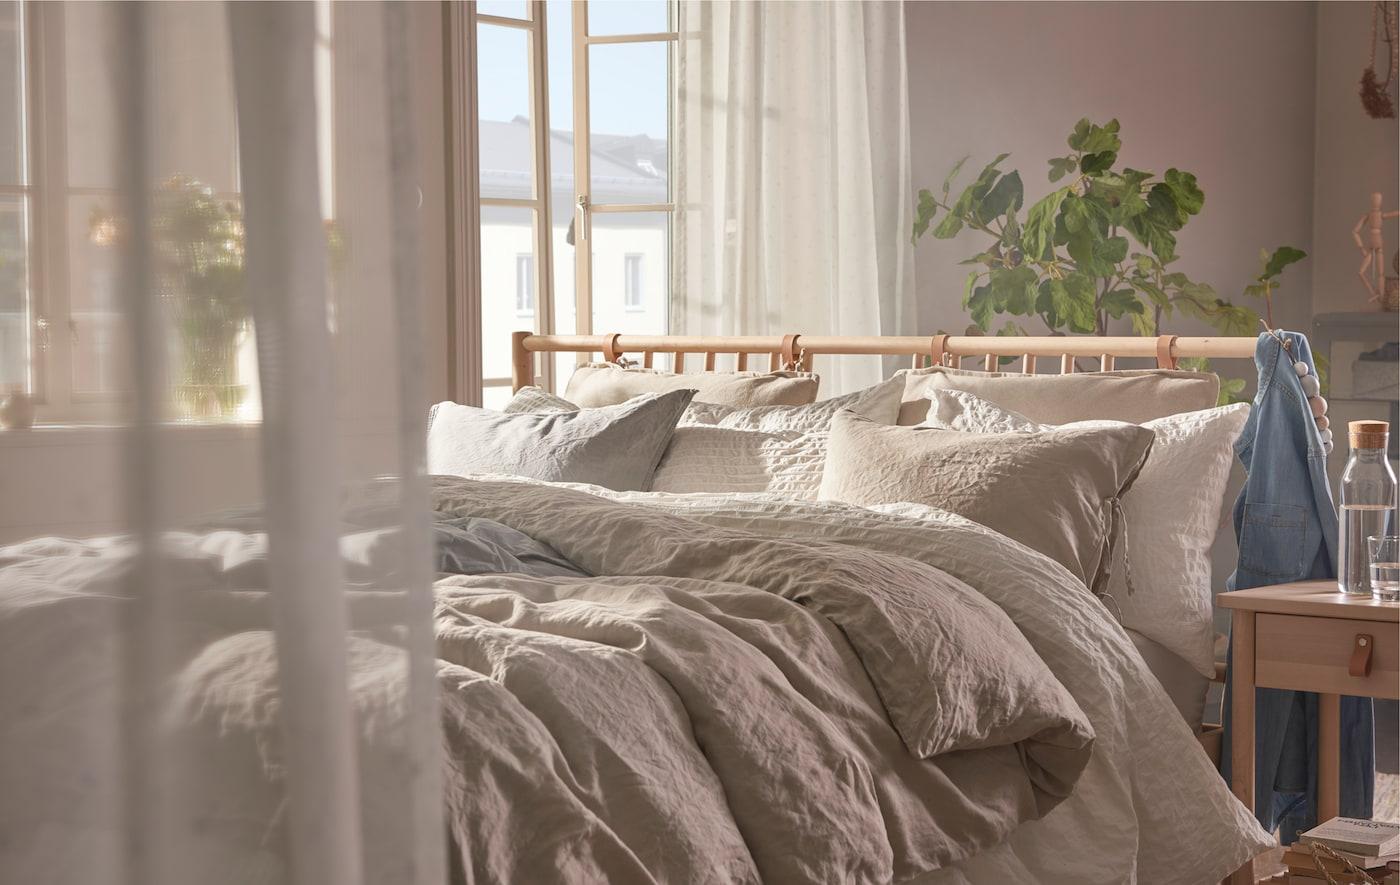 Schlafzimmer Naturliche Einrichtung Zum Wohlfuhlen Ikea Deutschland